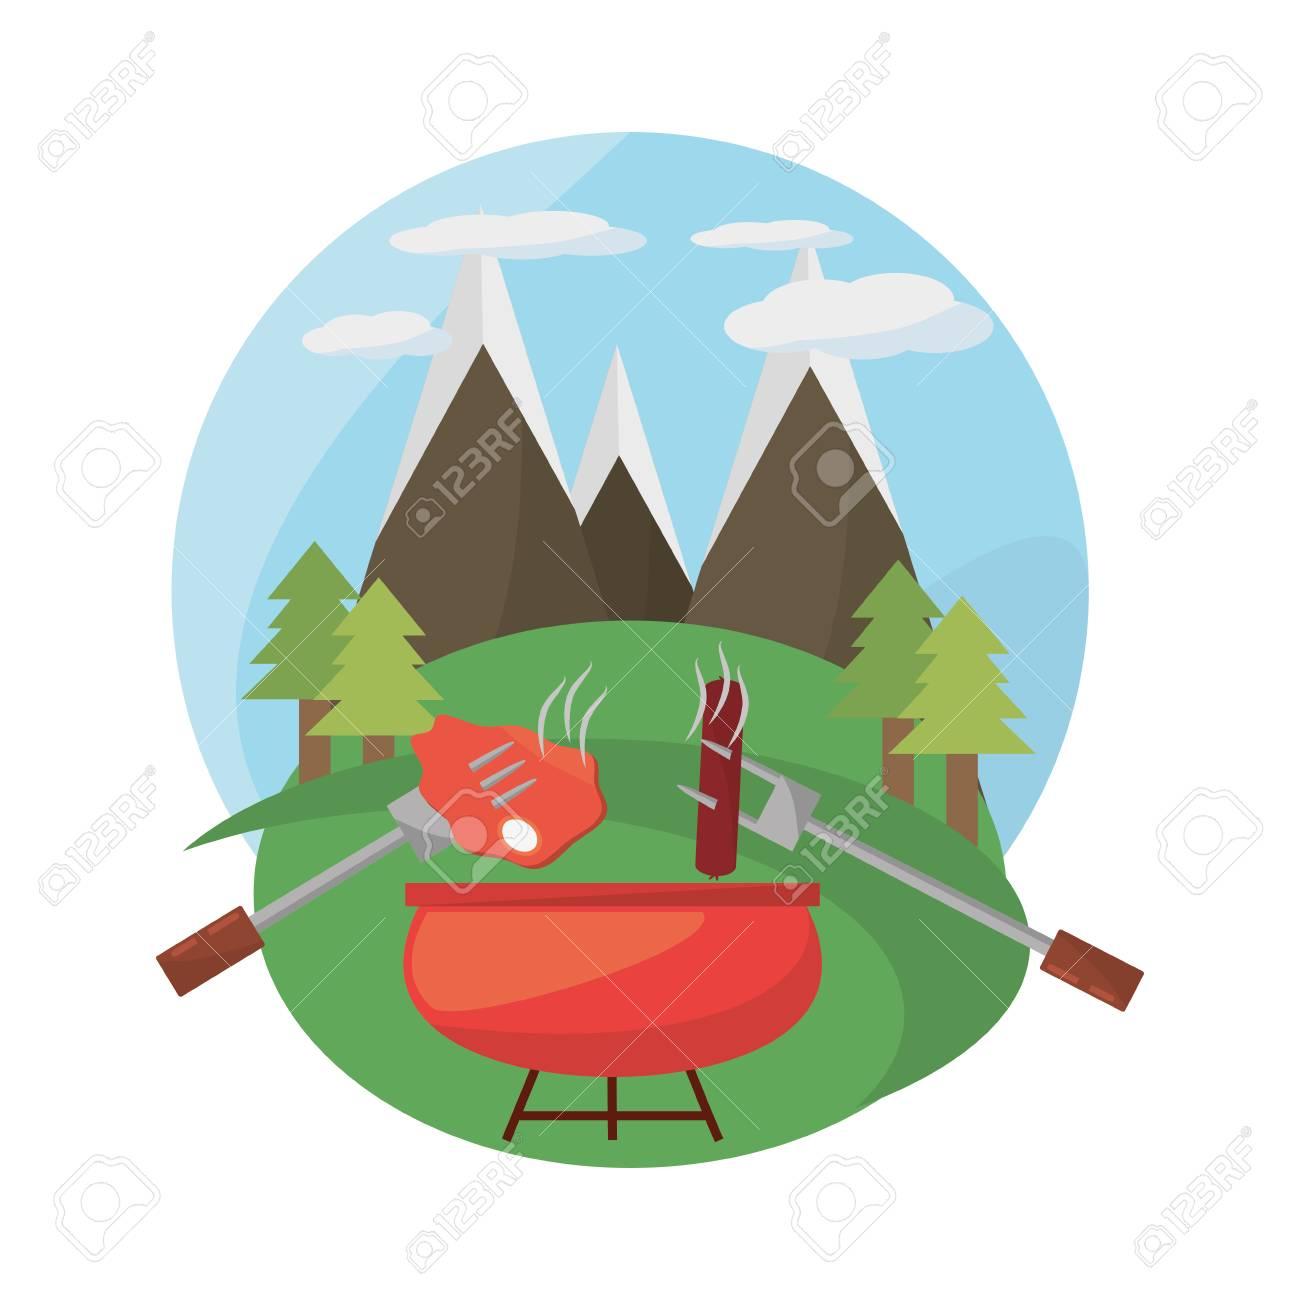 グリル バーベキュー食事山風景ベクトル イラスト Eps 10のイラスト素材